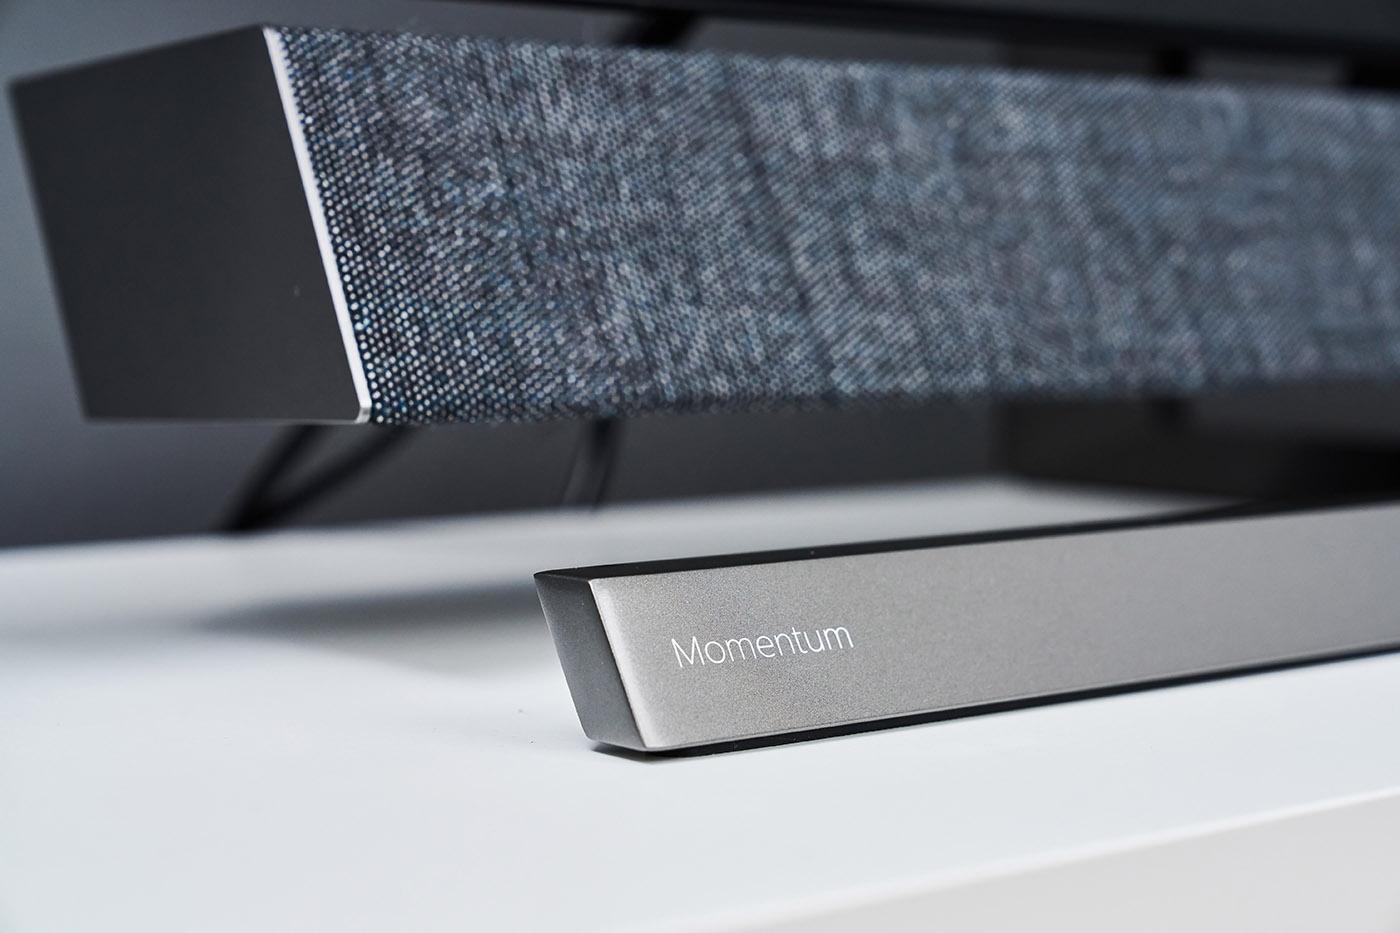 近距離拍攝 559M1RYV 一體式底座,同時也能看清音響系統面網質感,首先底座上有著這款顯示器系列名稱「Momentum」,精細小巧的字體,相當漂亮,而音響面網則是採用編織設計,中灰度的色系,搭配銀灰螢幕底座,顯示出精品質感。